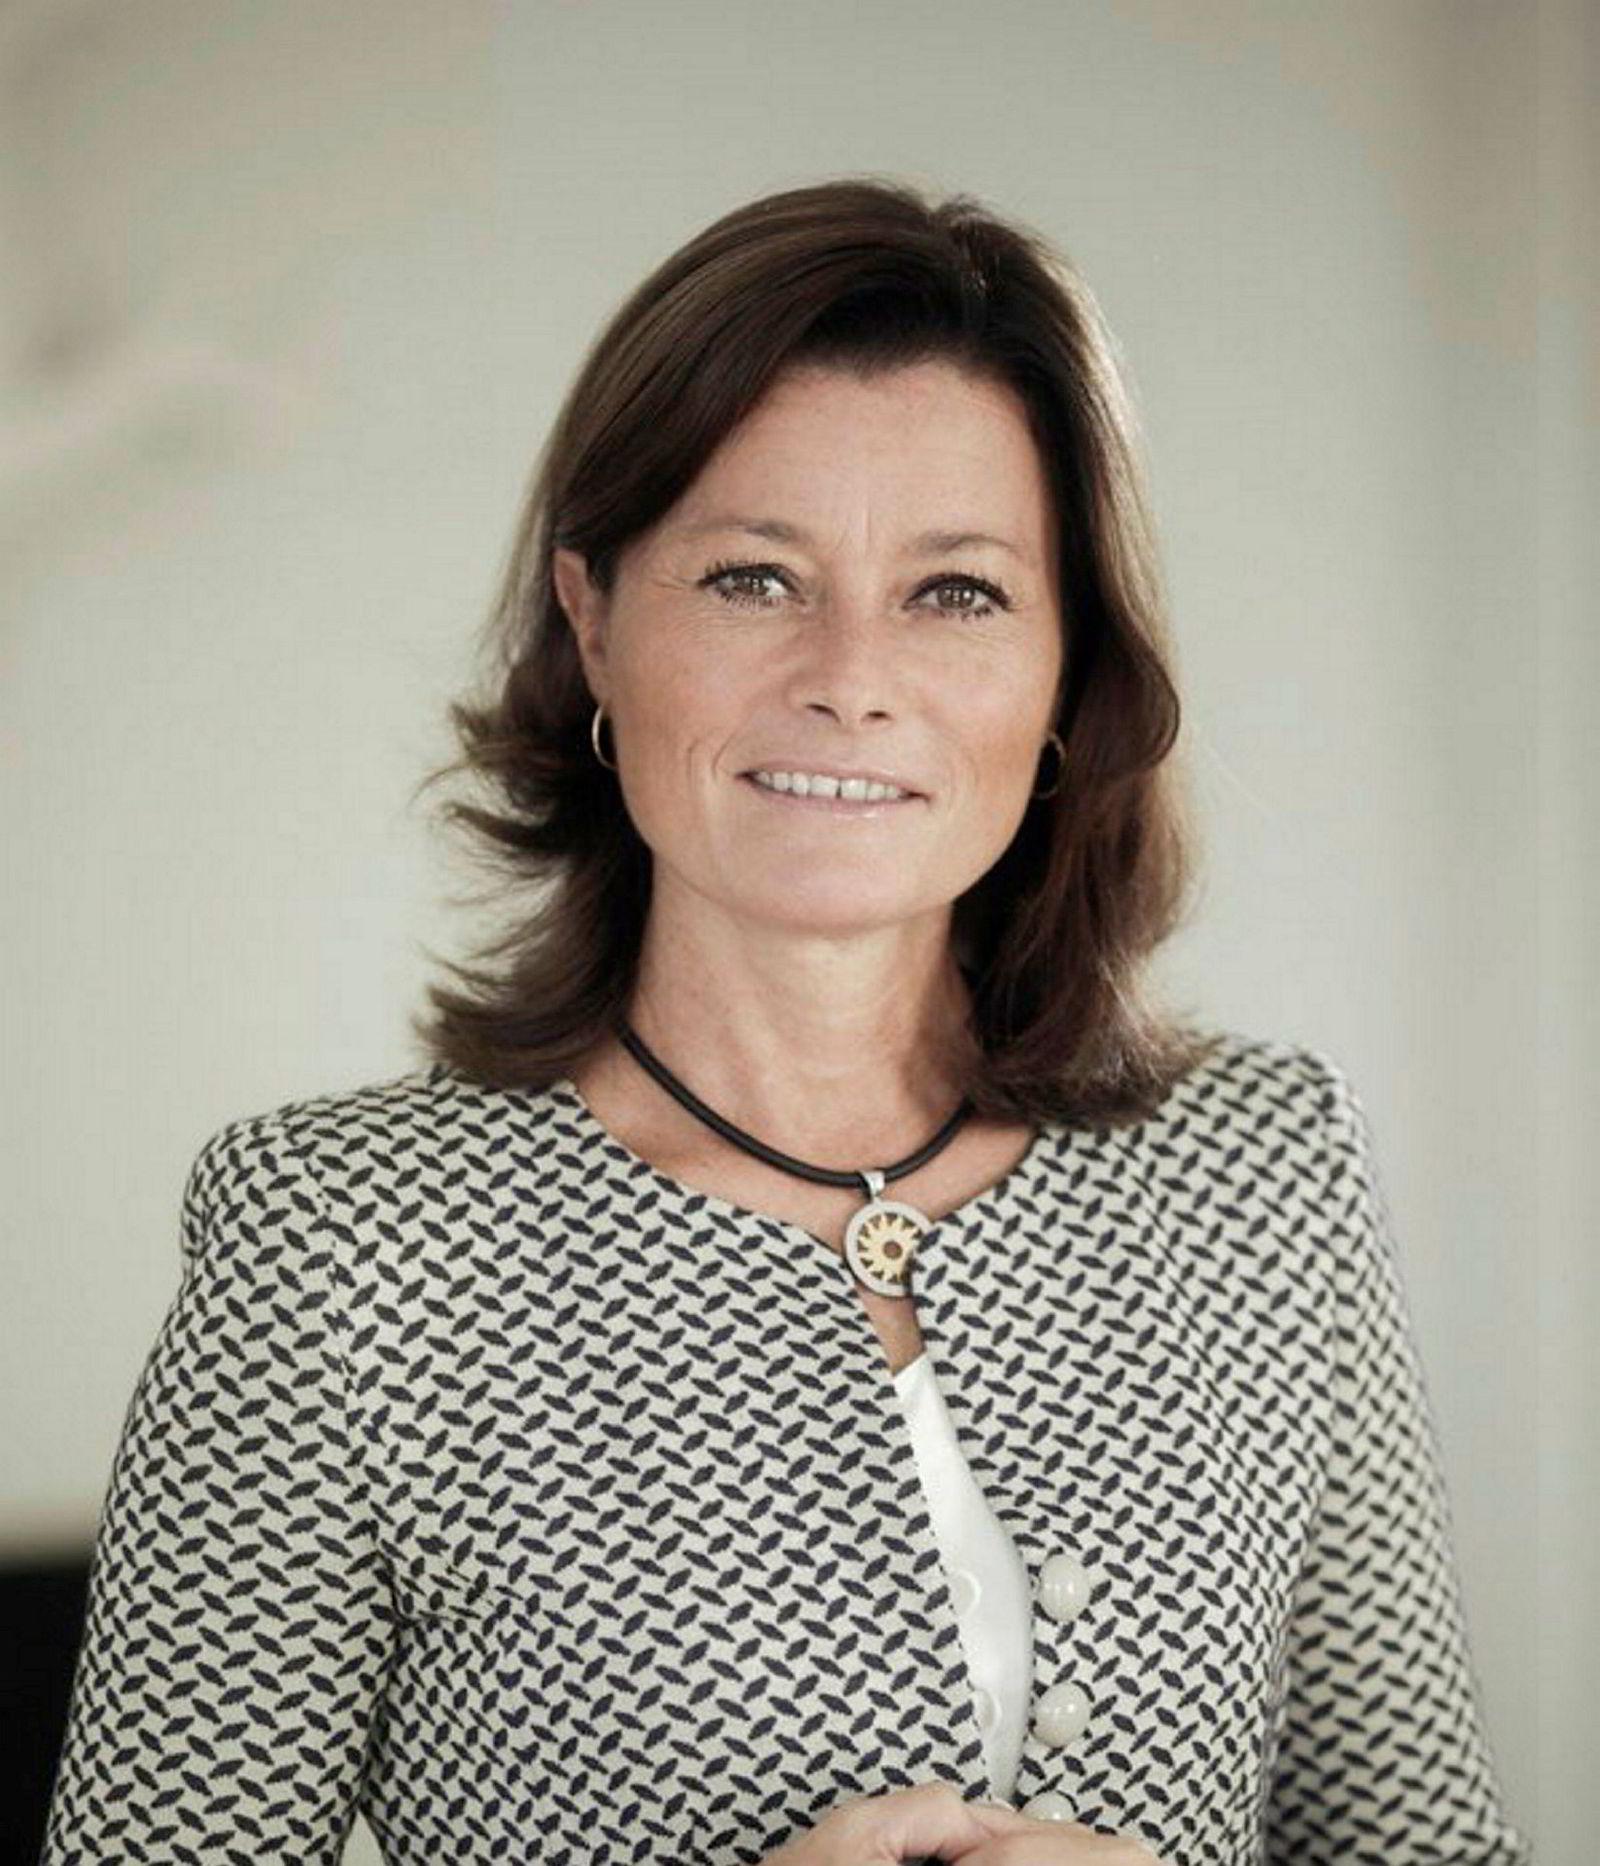 Advokat Nina Gundersen Sandnes vil ikke si hvem som er med på å spleise på hennes regning etter dommen i Reppe-saken.